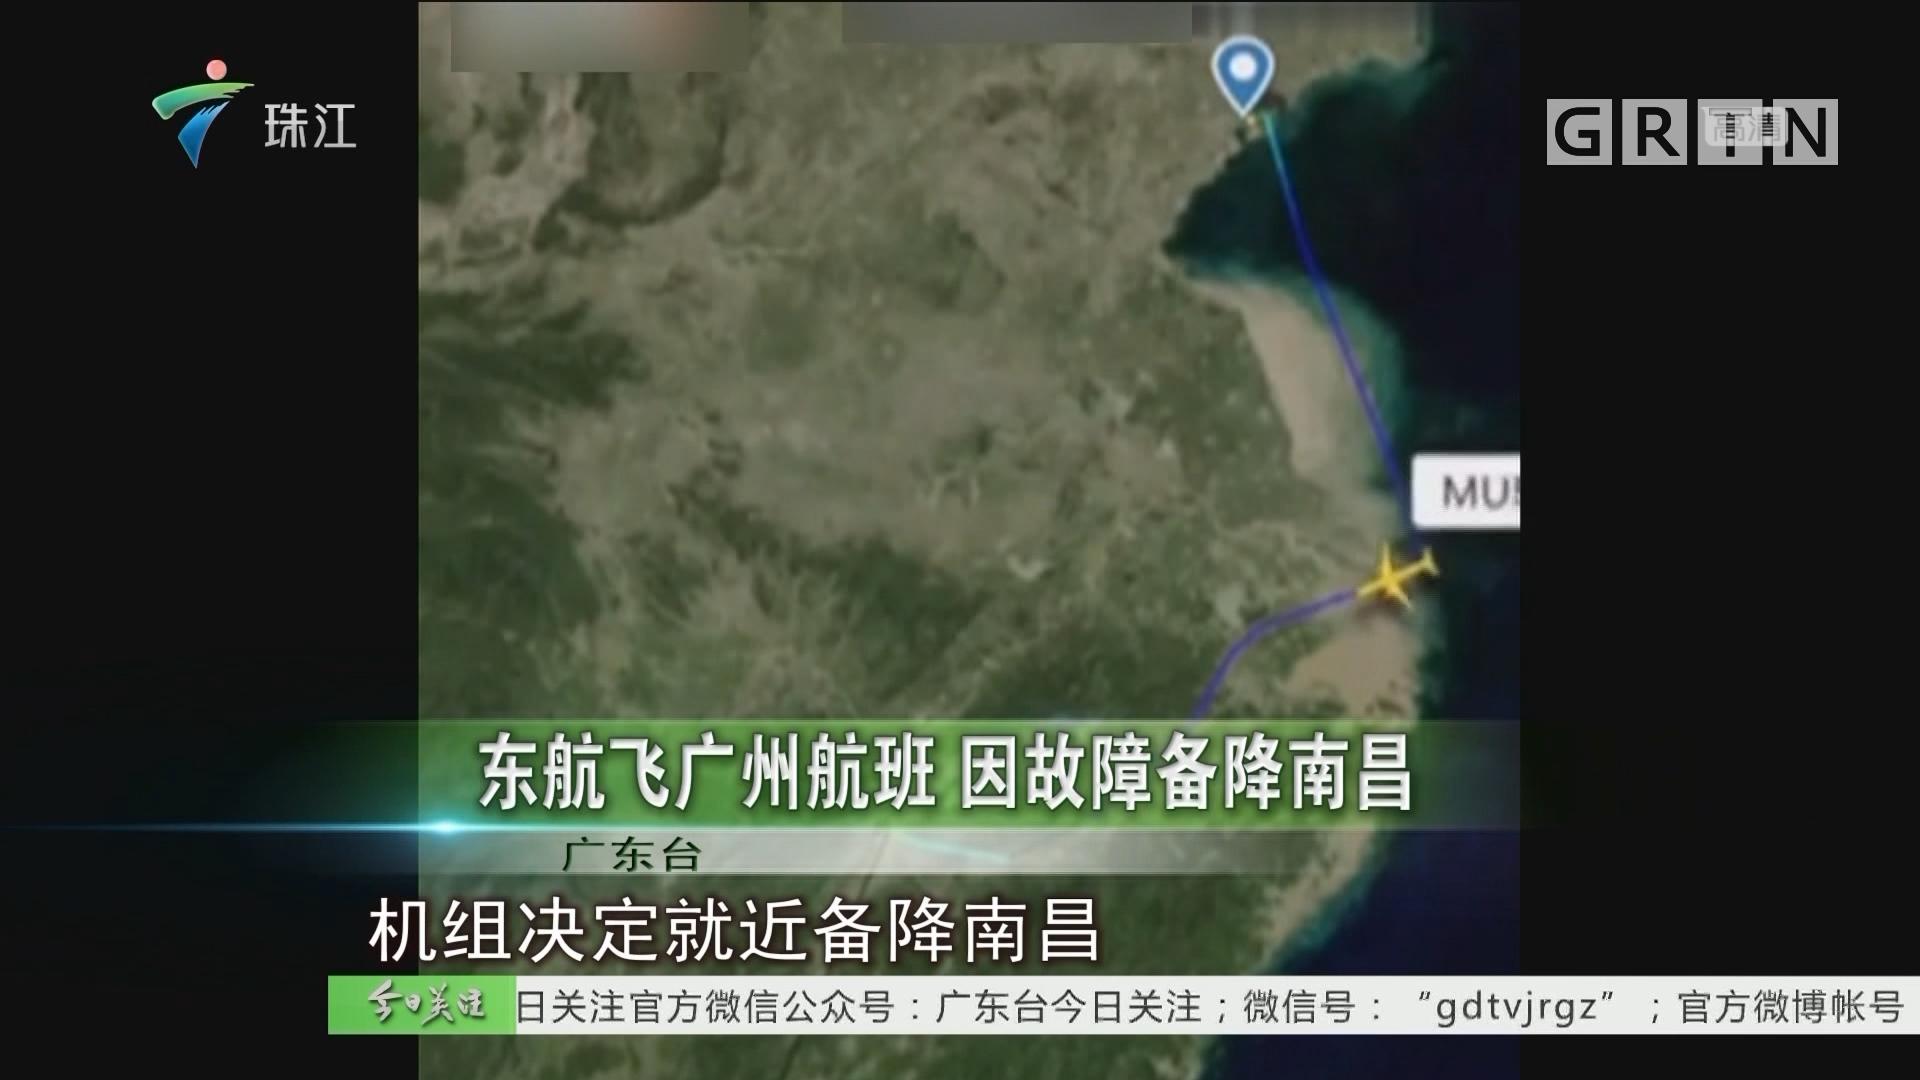 东航飞广州航班 因故障备降南昌